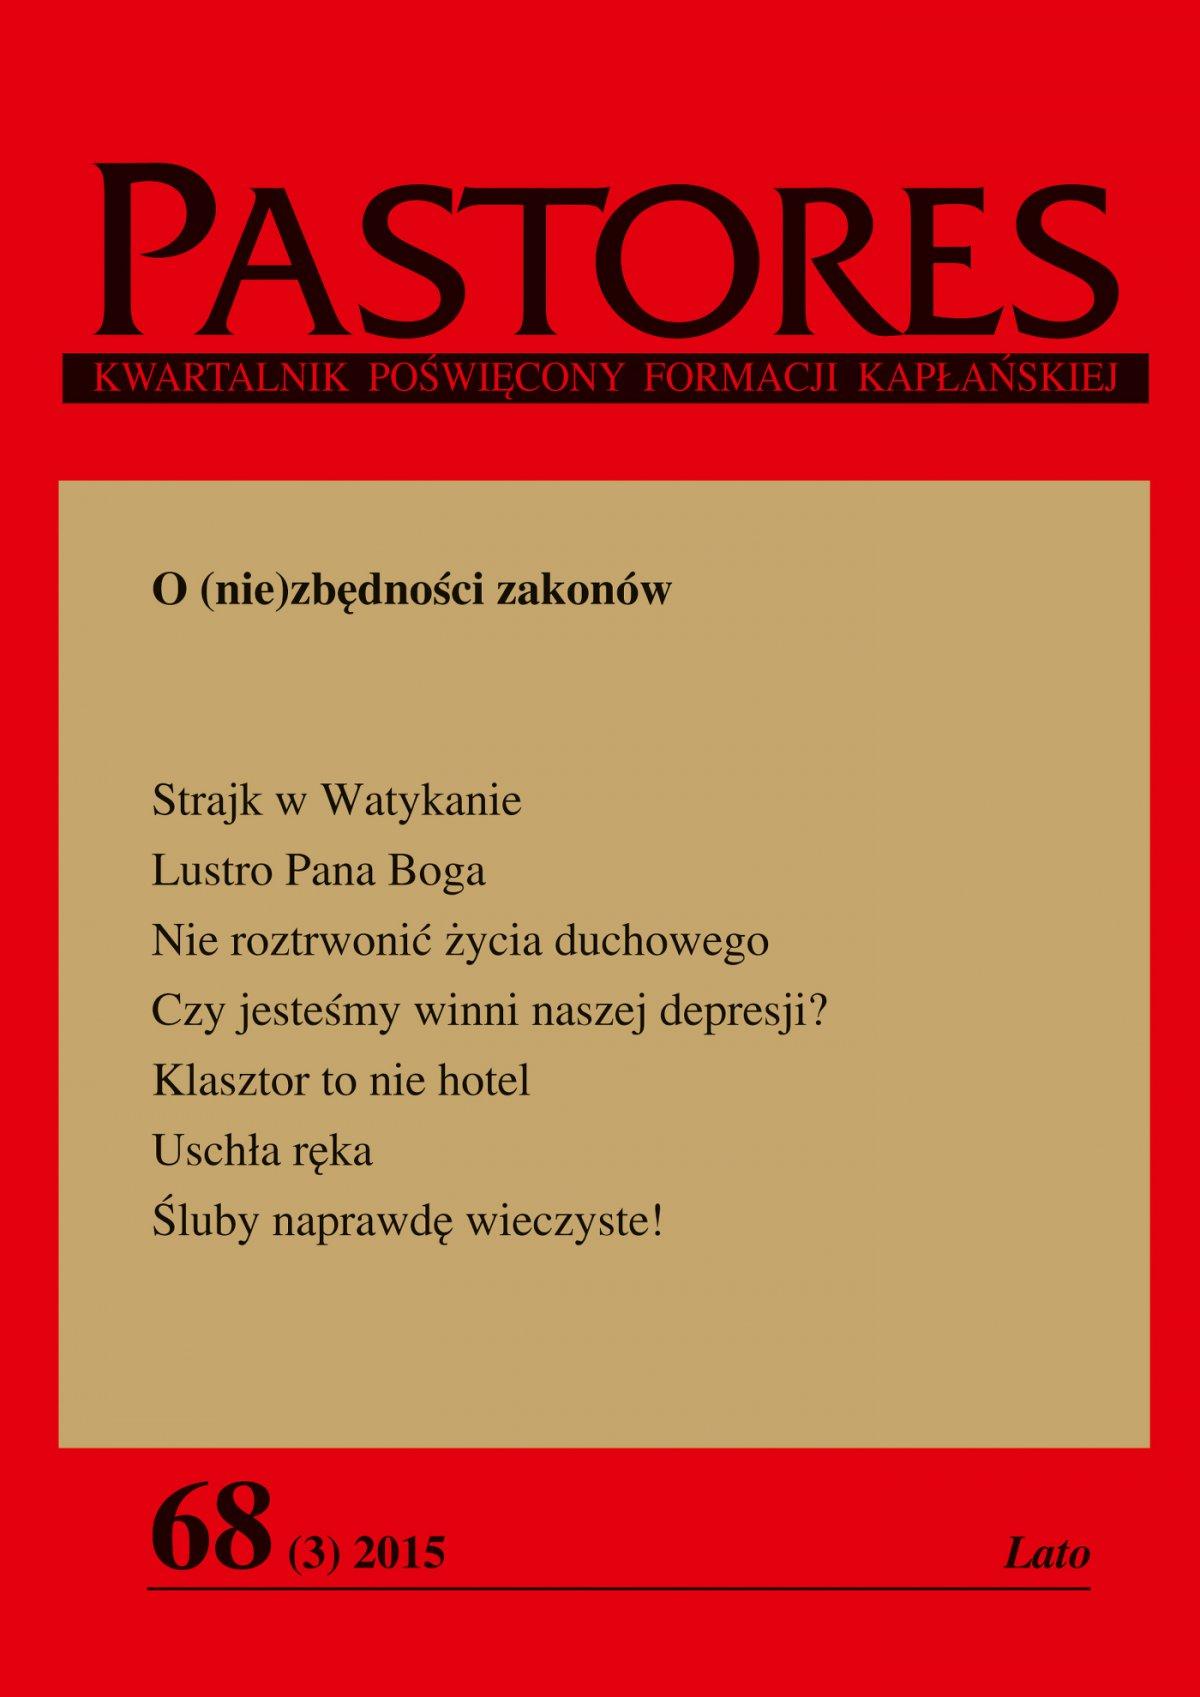 Pastores 68 (3) 2015 - Ebook (Książka EPUB) do pobrania w formacie EPUB